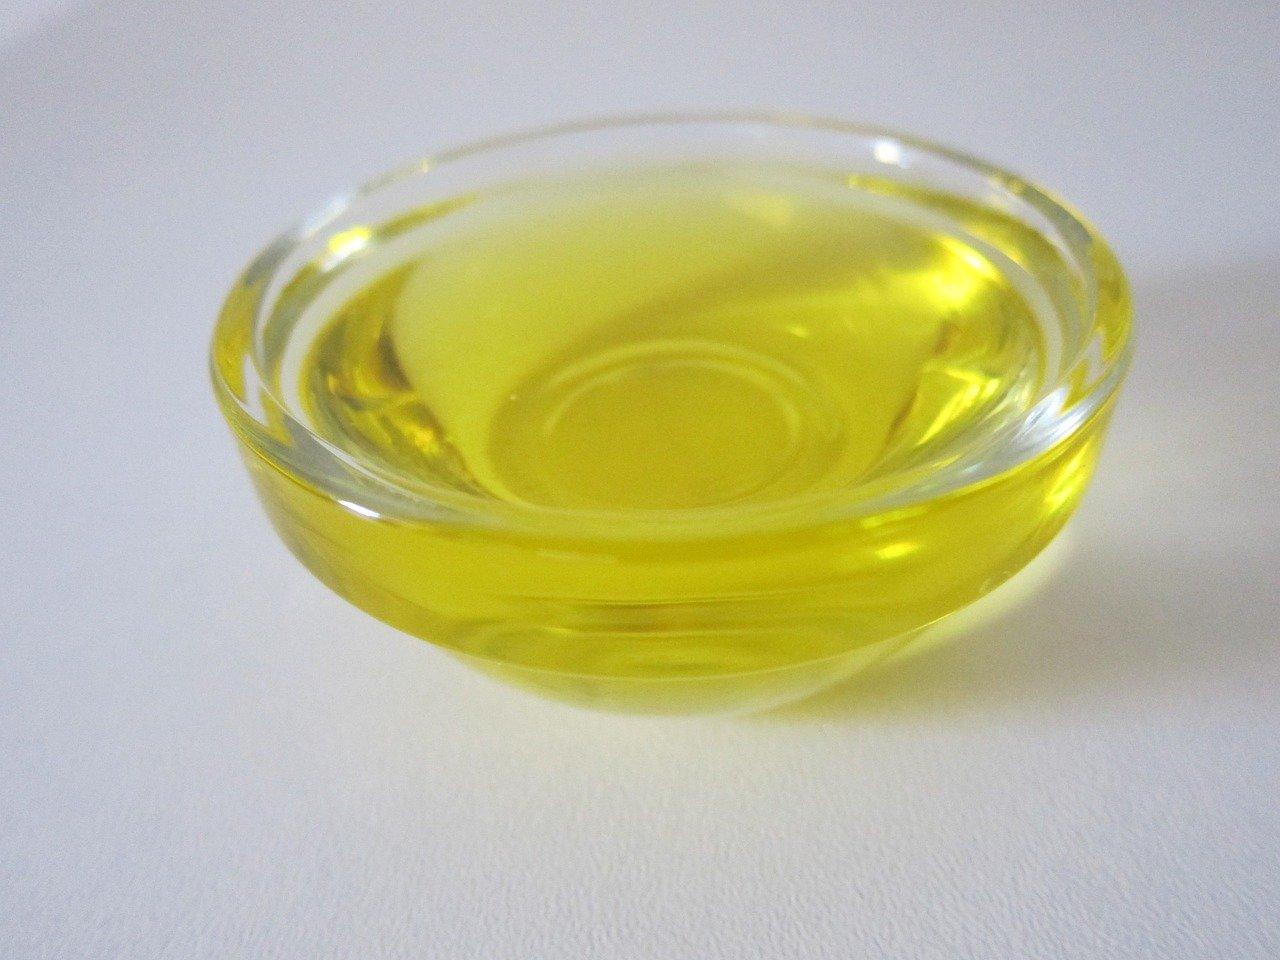 Das Baobab-Öl der Baobab-Frucht hat immer einen solch gelben Farbton.